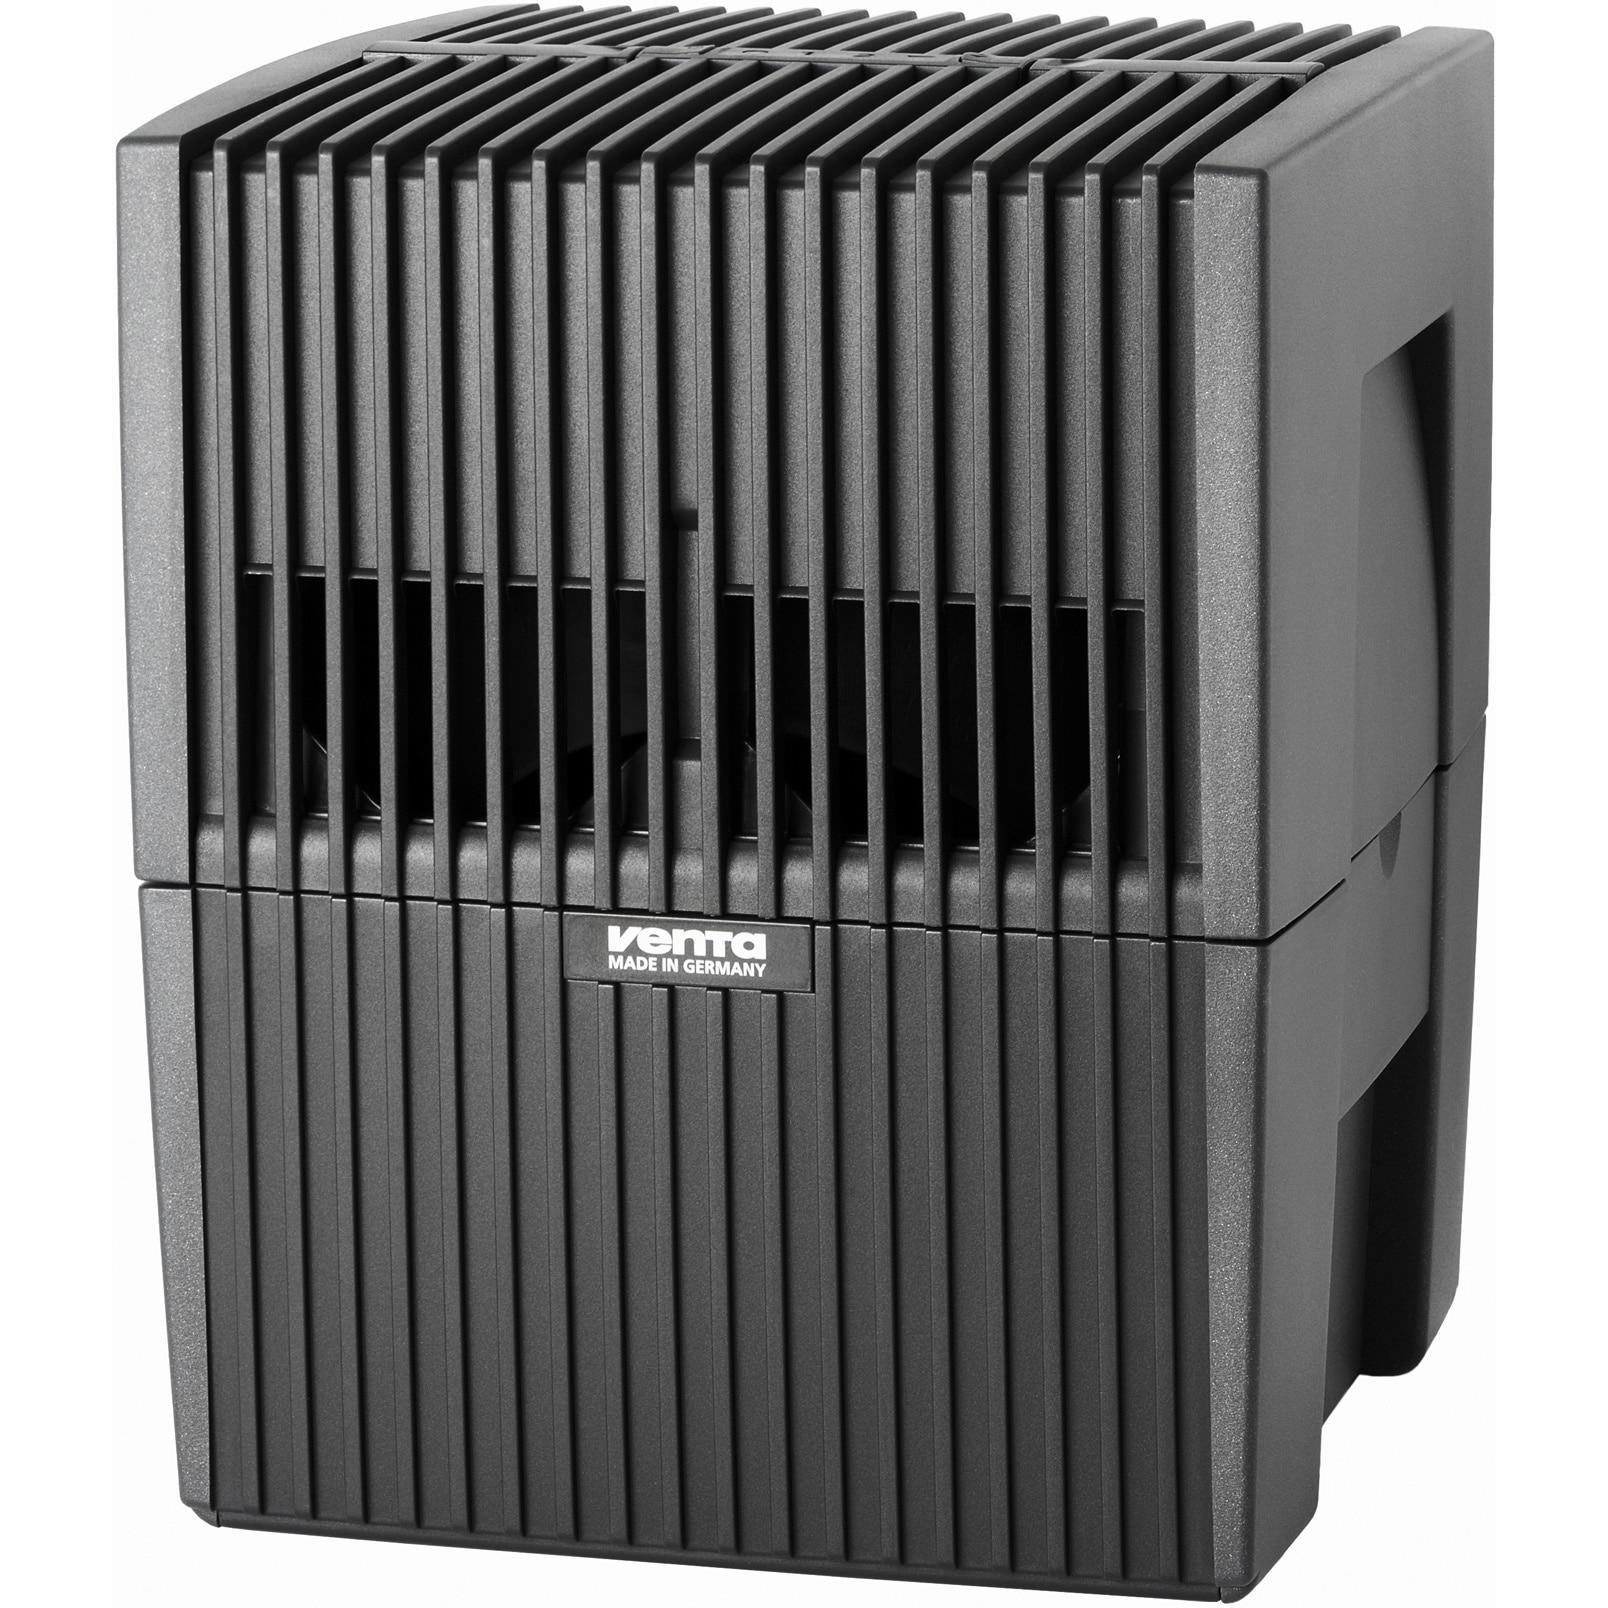 Venta Airwasher Llc LW15 2-in-1 Humidifier/ Air Purifier ...